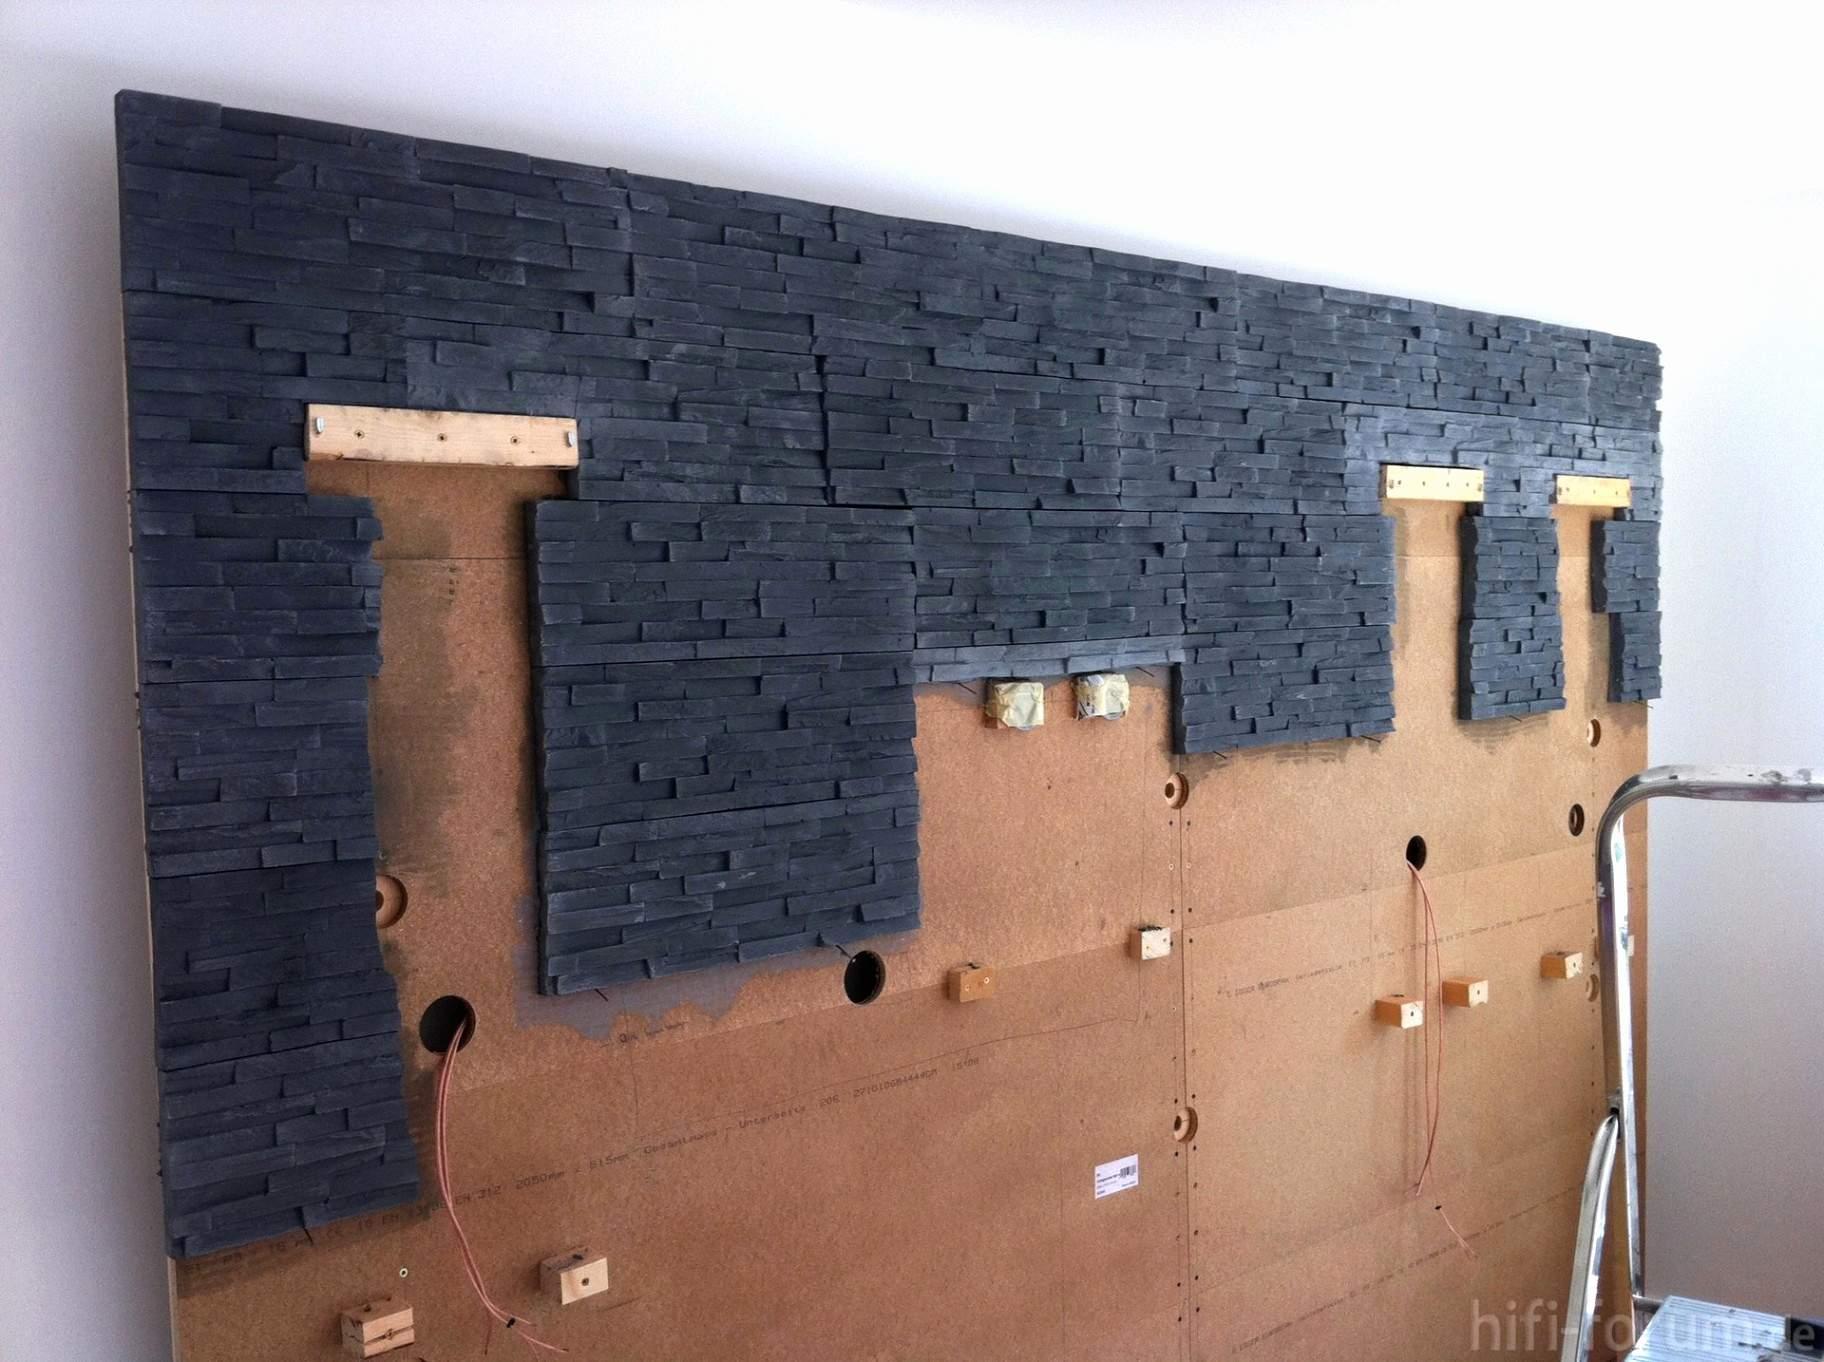 wohnzimmer kamin einzigartig edelstahl deko wohnzimmer best wohnzimmer deko ideen of wohnzimmer kamin